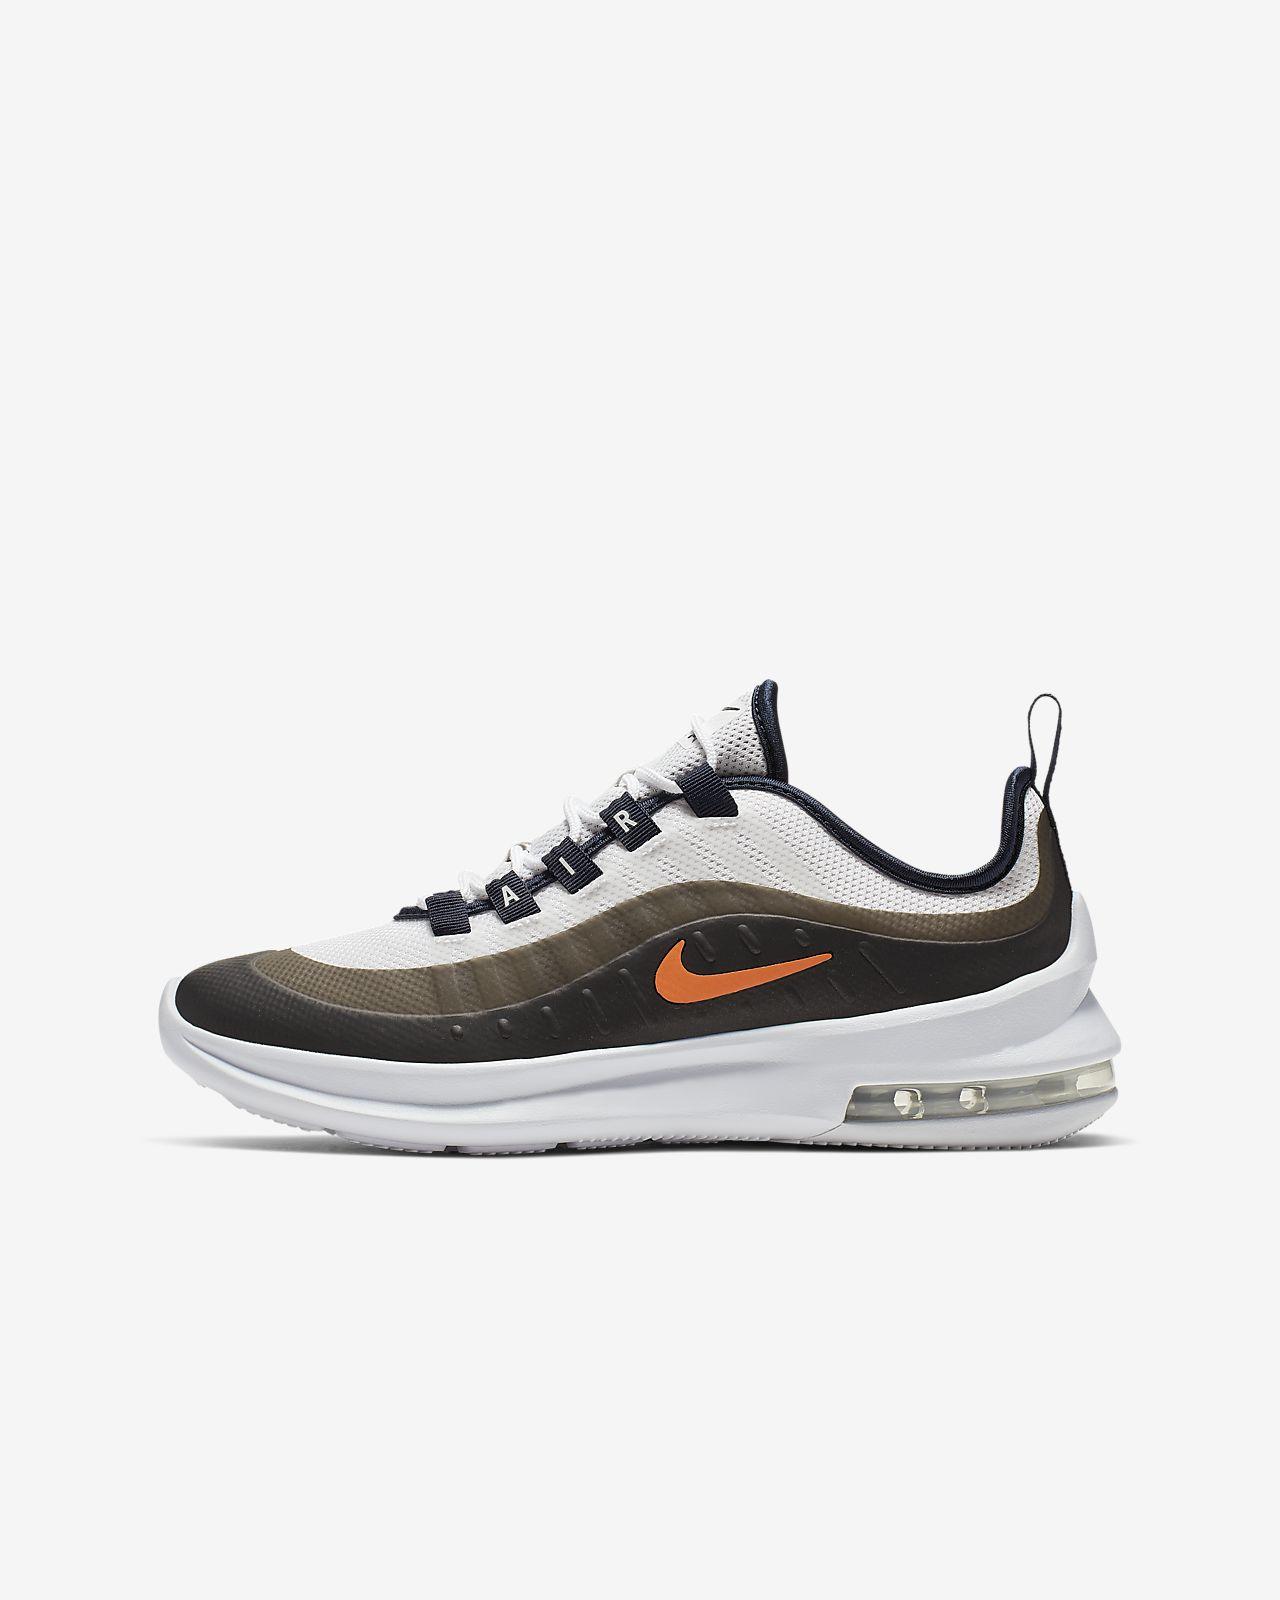 f2170fdd4a8a0 Chaussure Nike Air Max Axis pour Enfant plus âgé. Nike.com BE